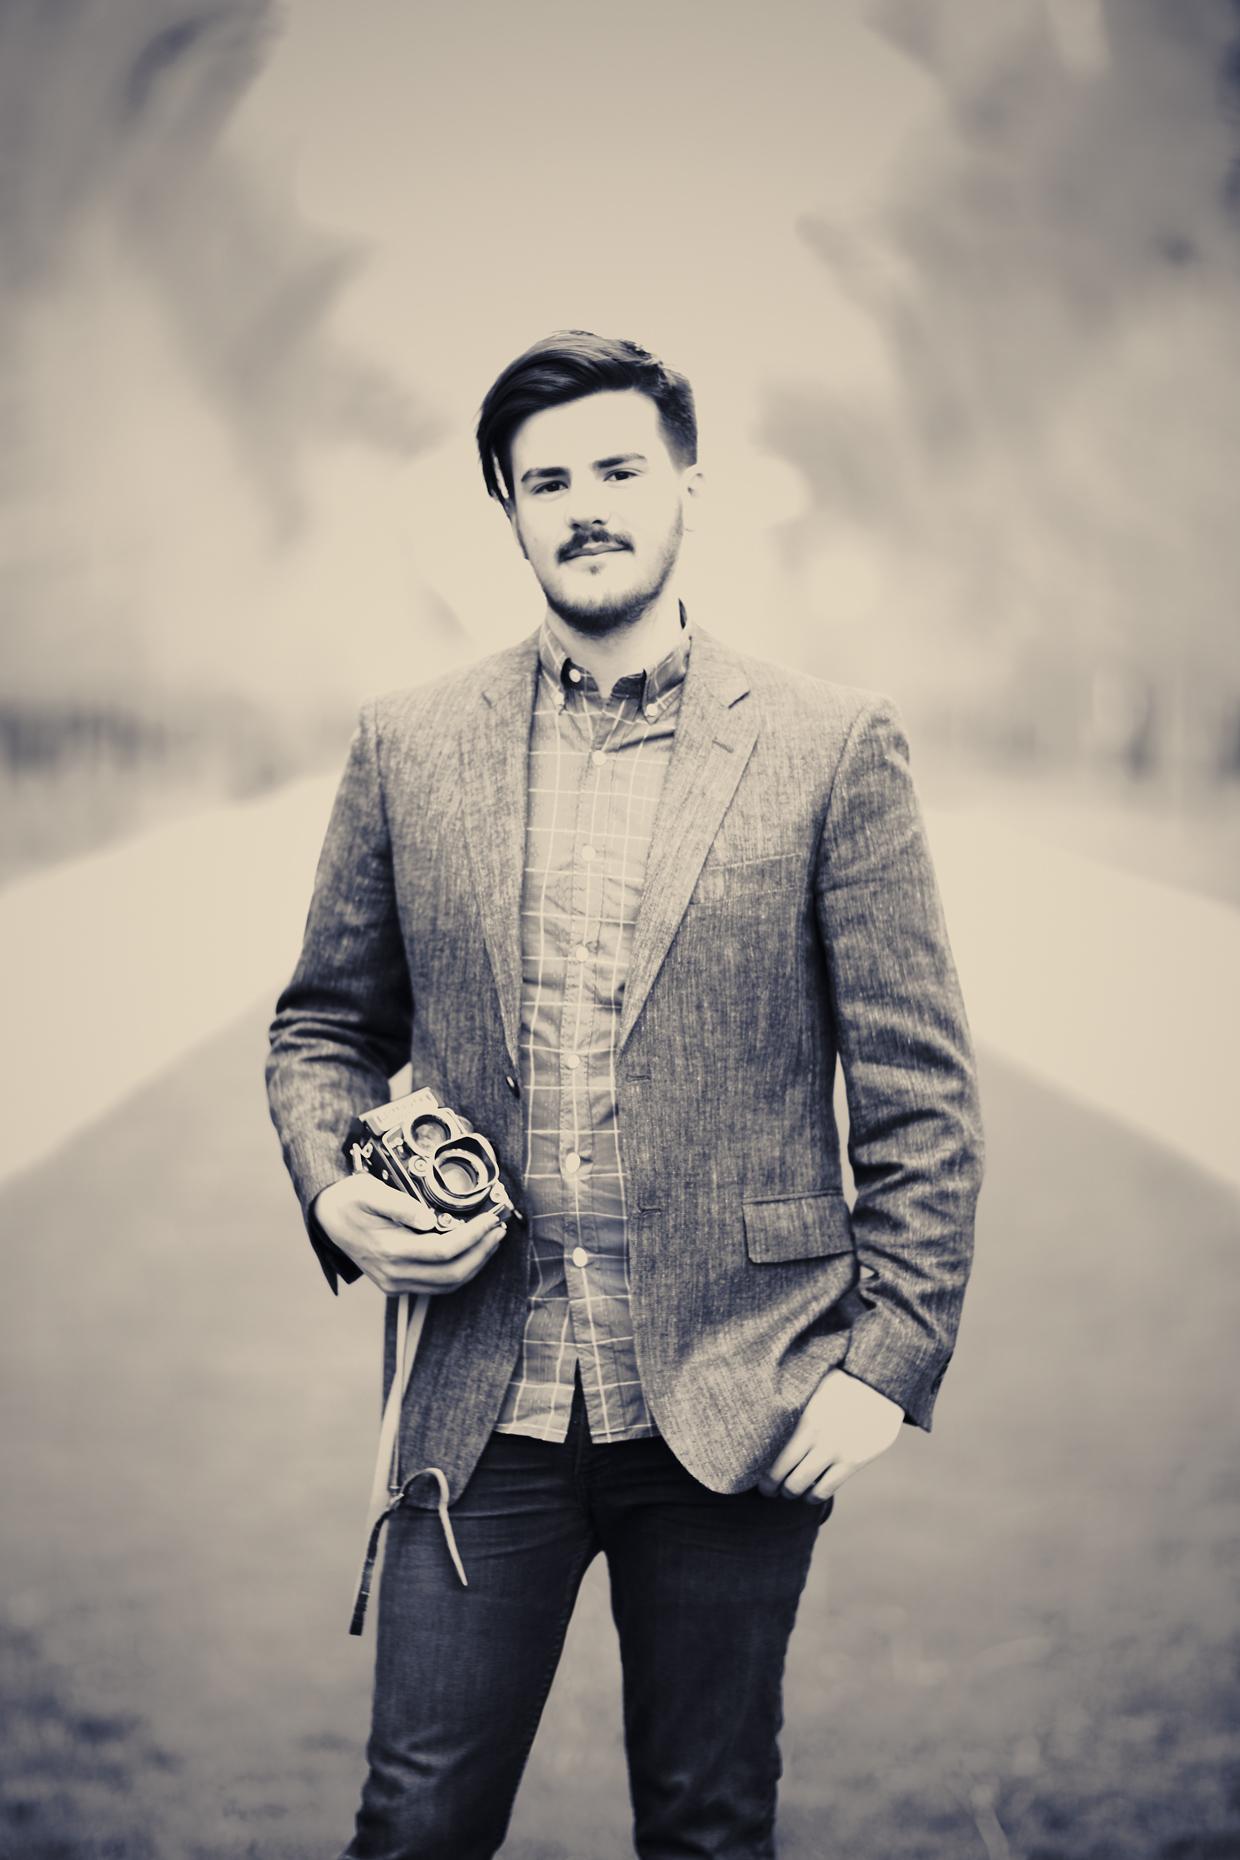 Portrait Photography Derek Israelsen Hipster Vintage Camera Leo Patrone